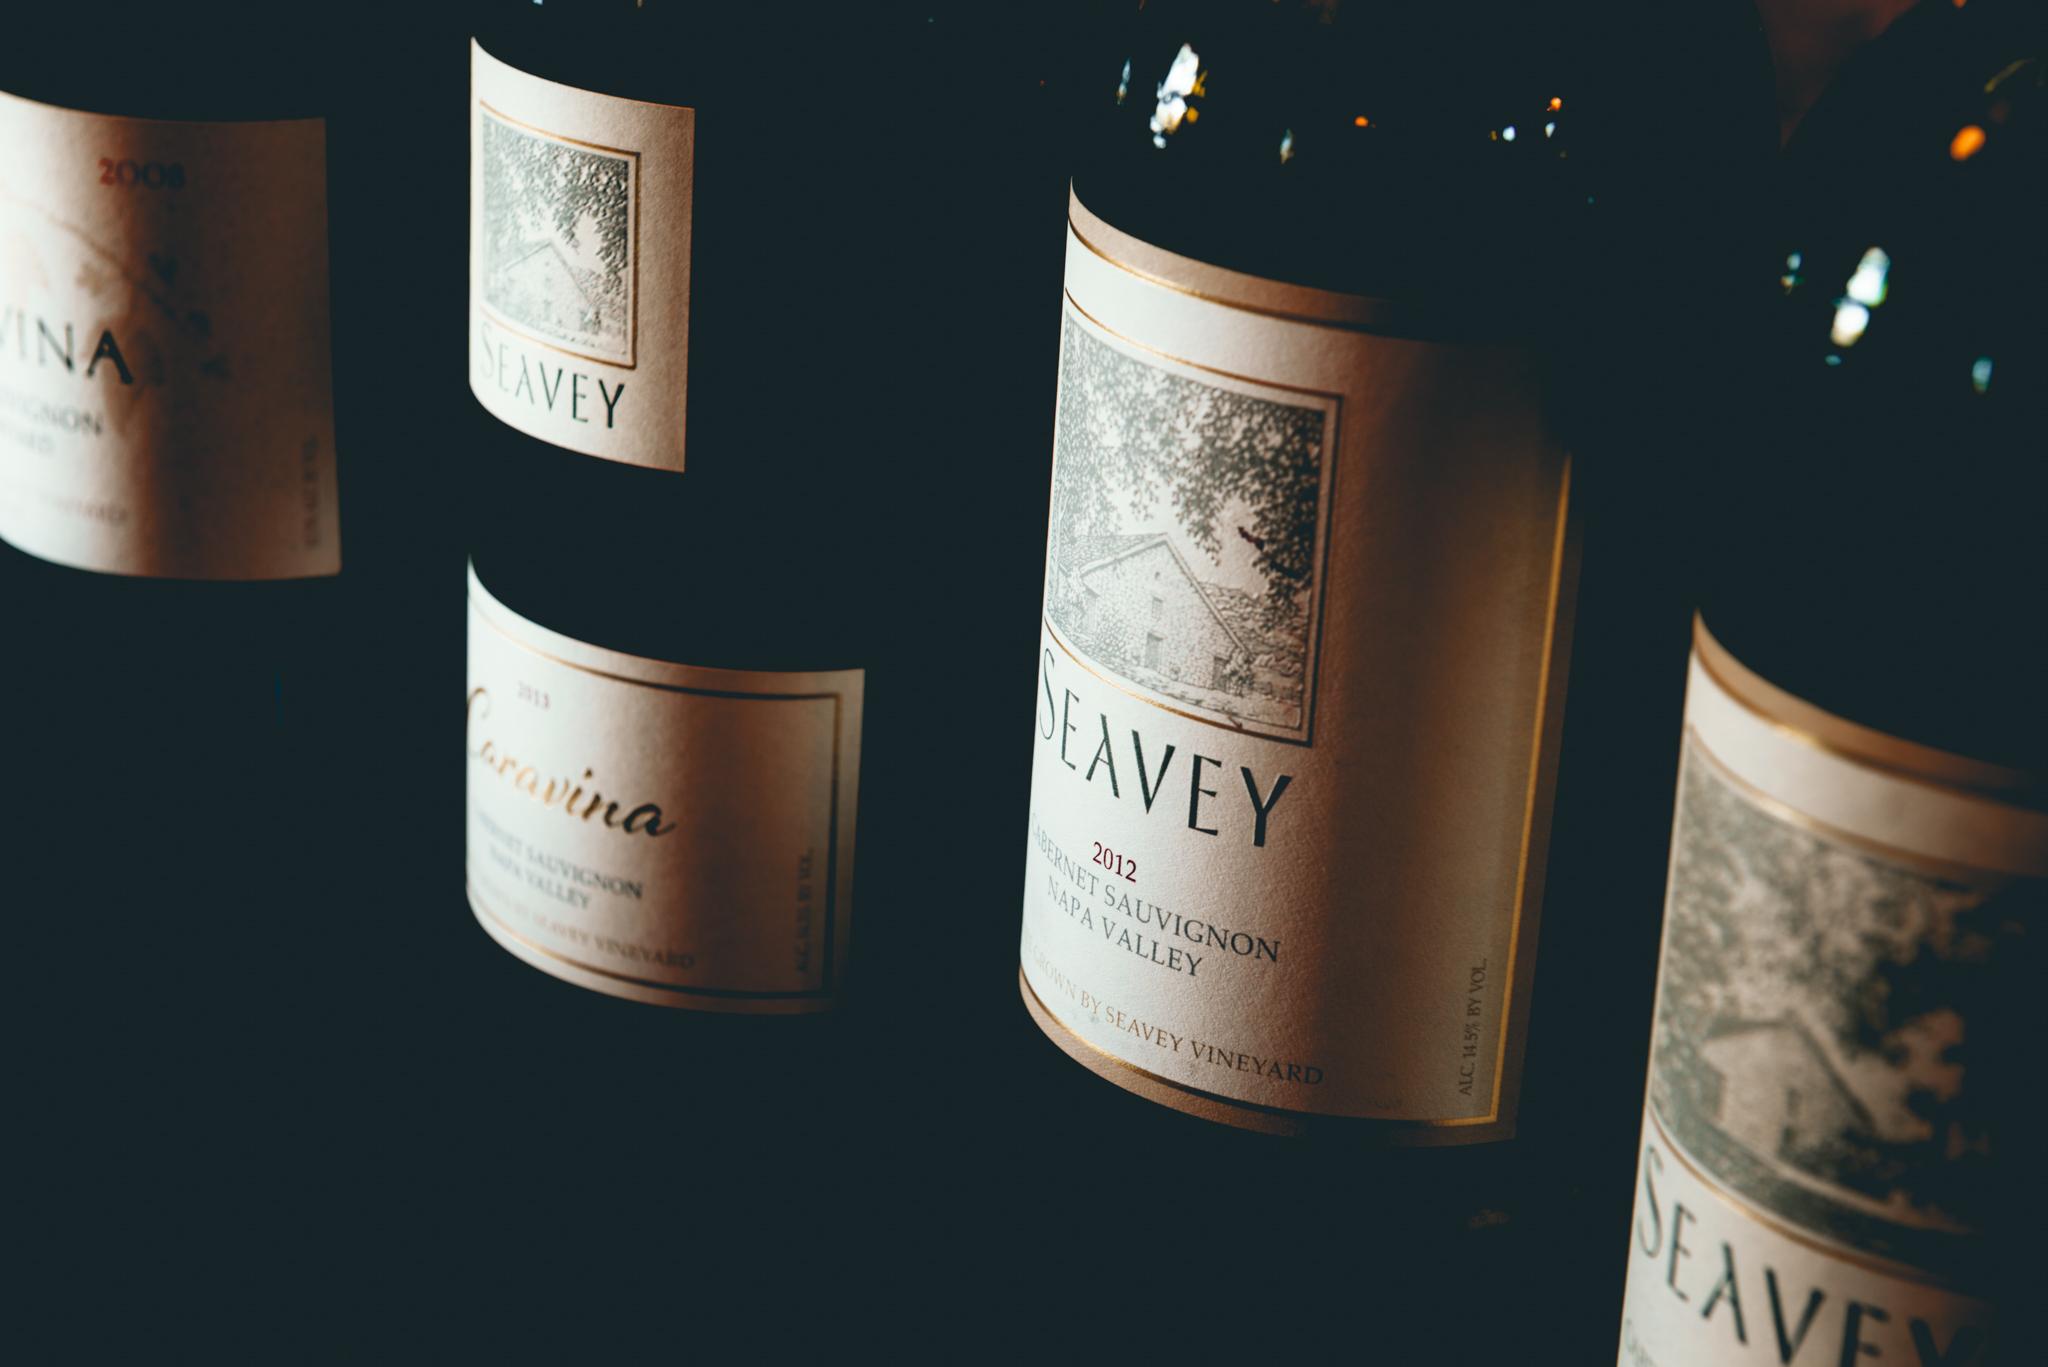 California : Napa Valley : Tasting at Seavey Vineyard